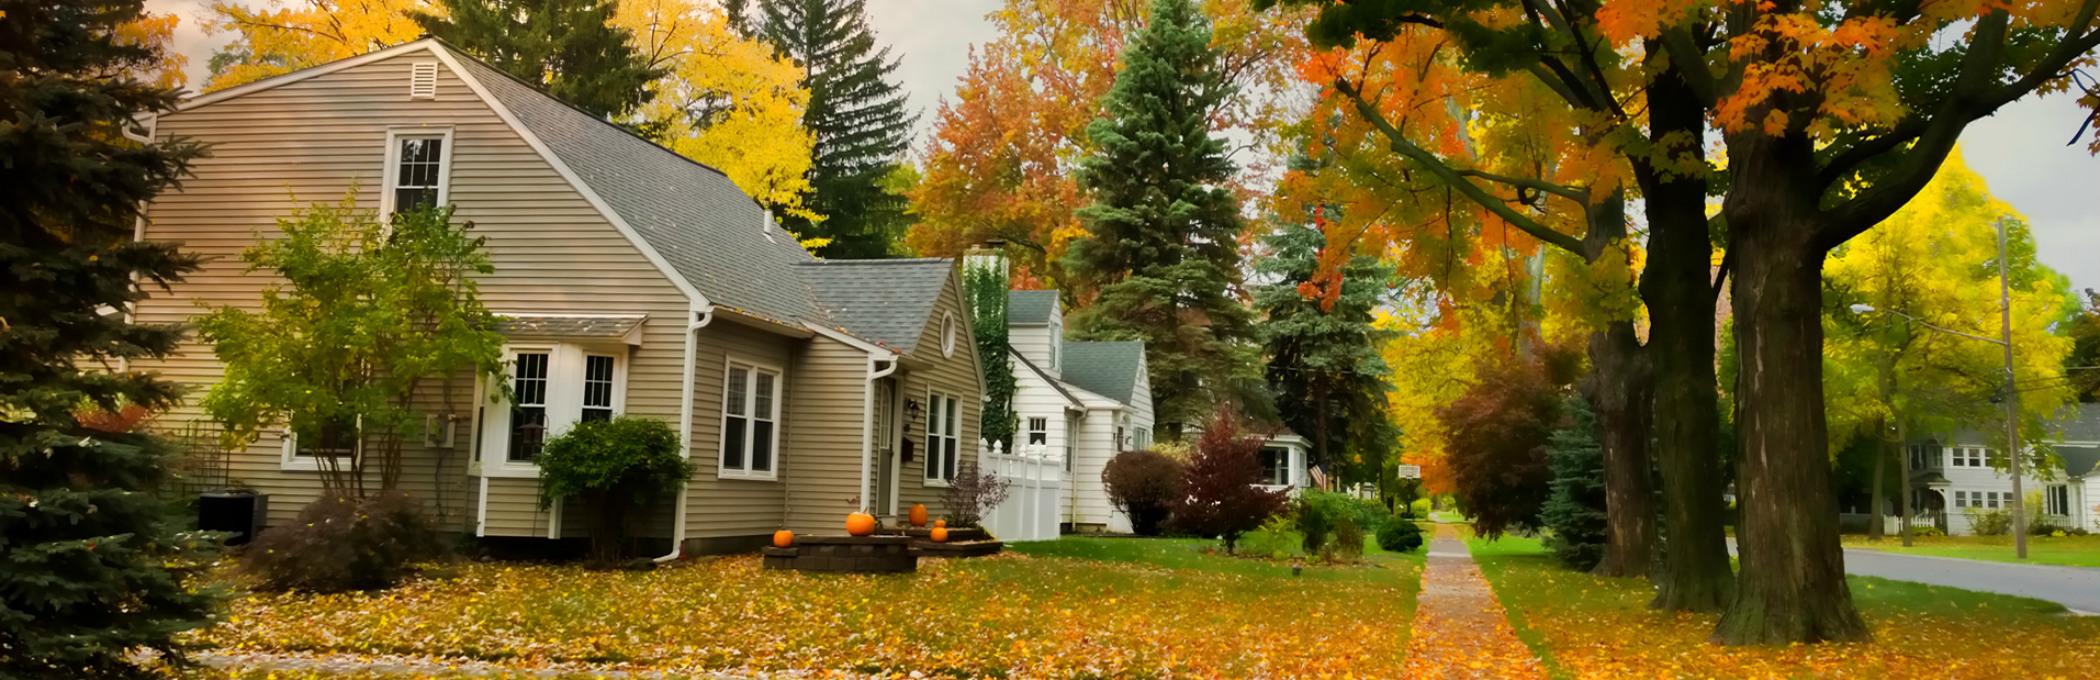 Fall2015housebanner-2.jpg